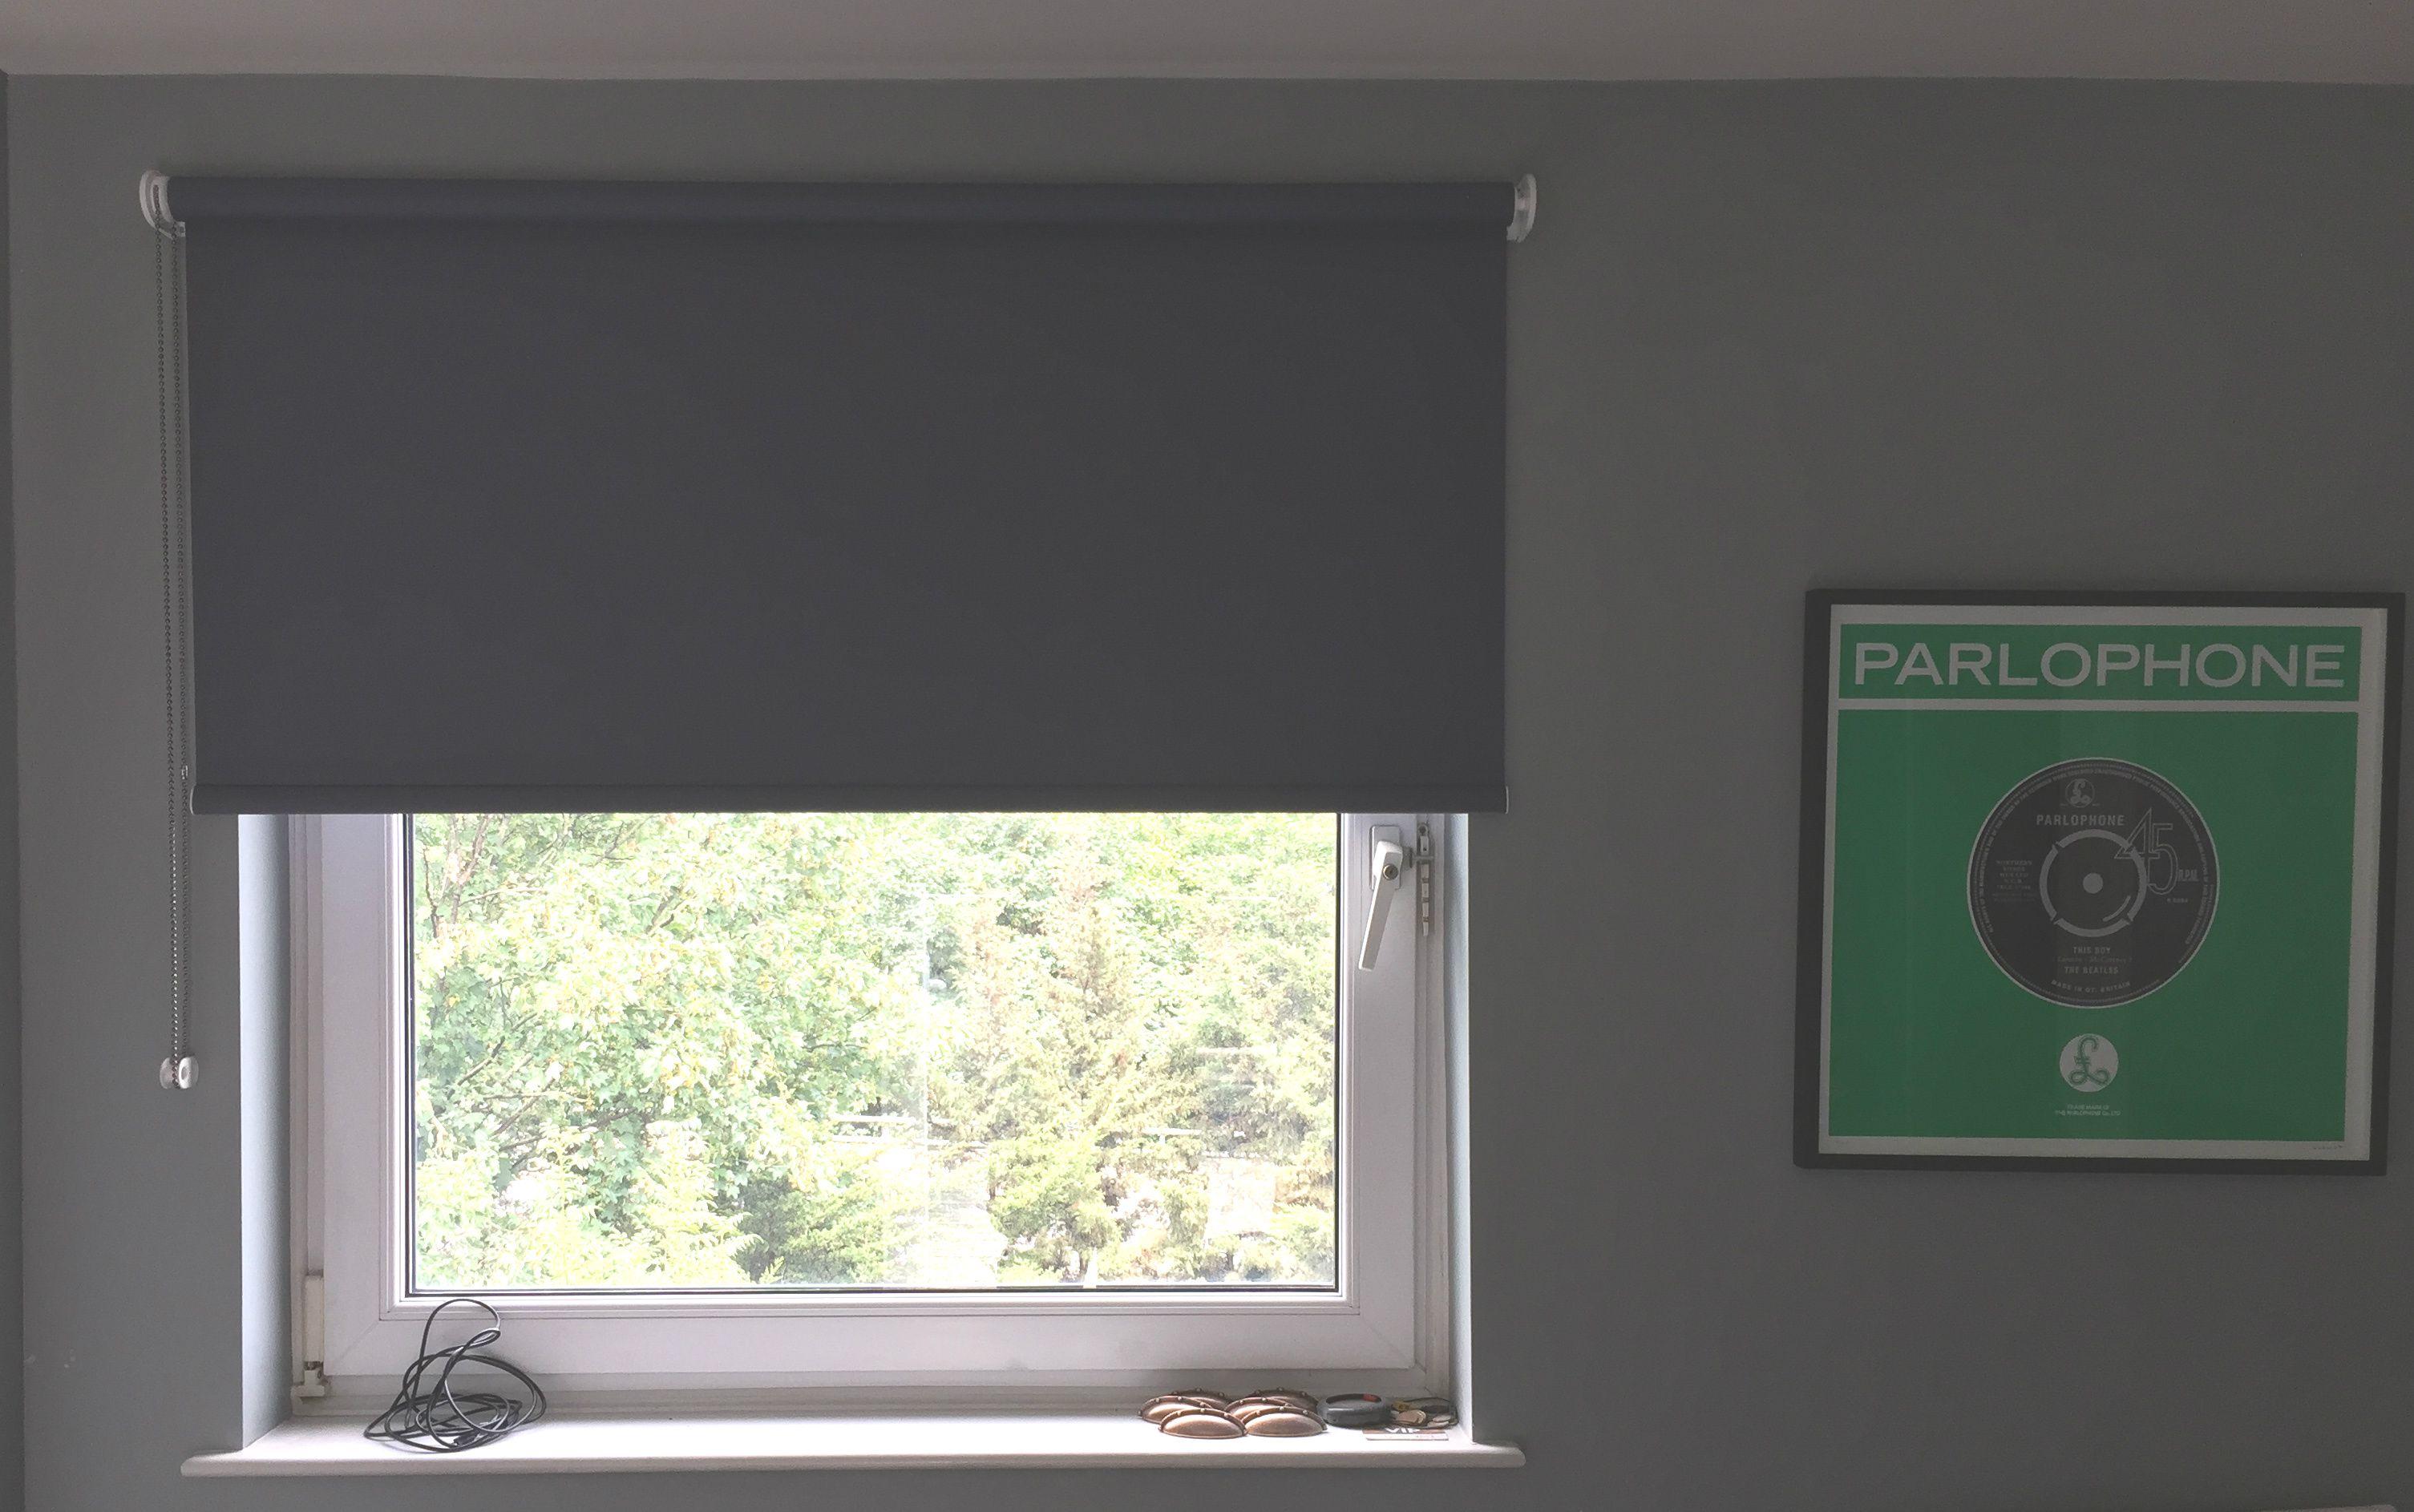 Blackout Roller Blind For Bedroom Hackney London Made To Measure Made In Uk Modern Blinds Measuring Fitting S Shades Blinds Blinds Cellular Blinds